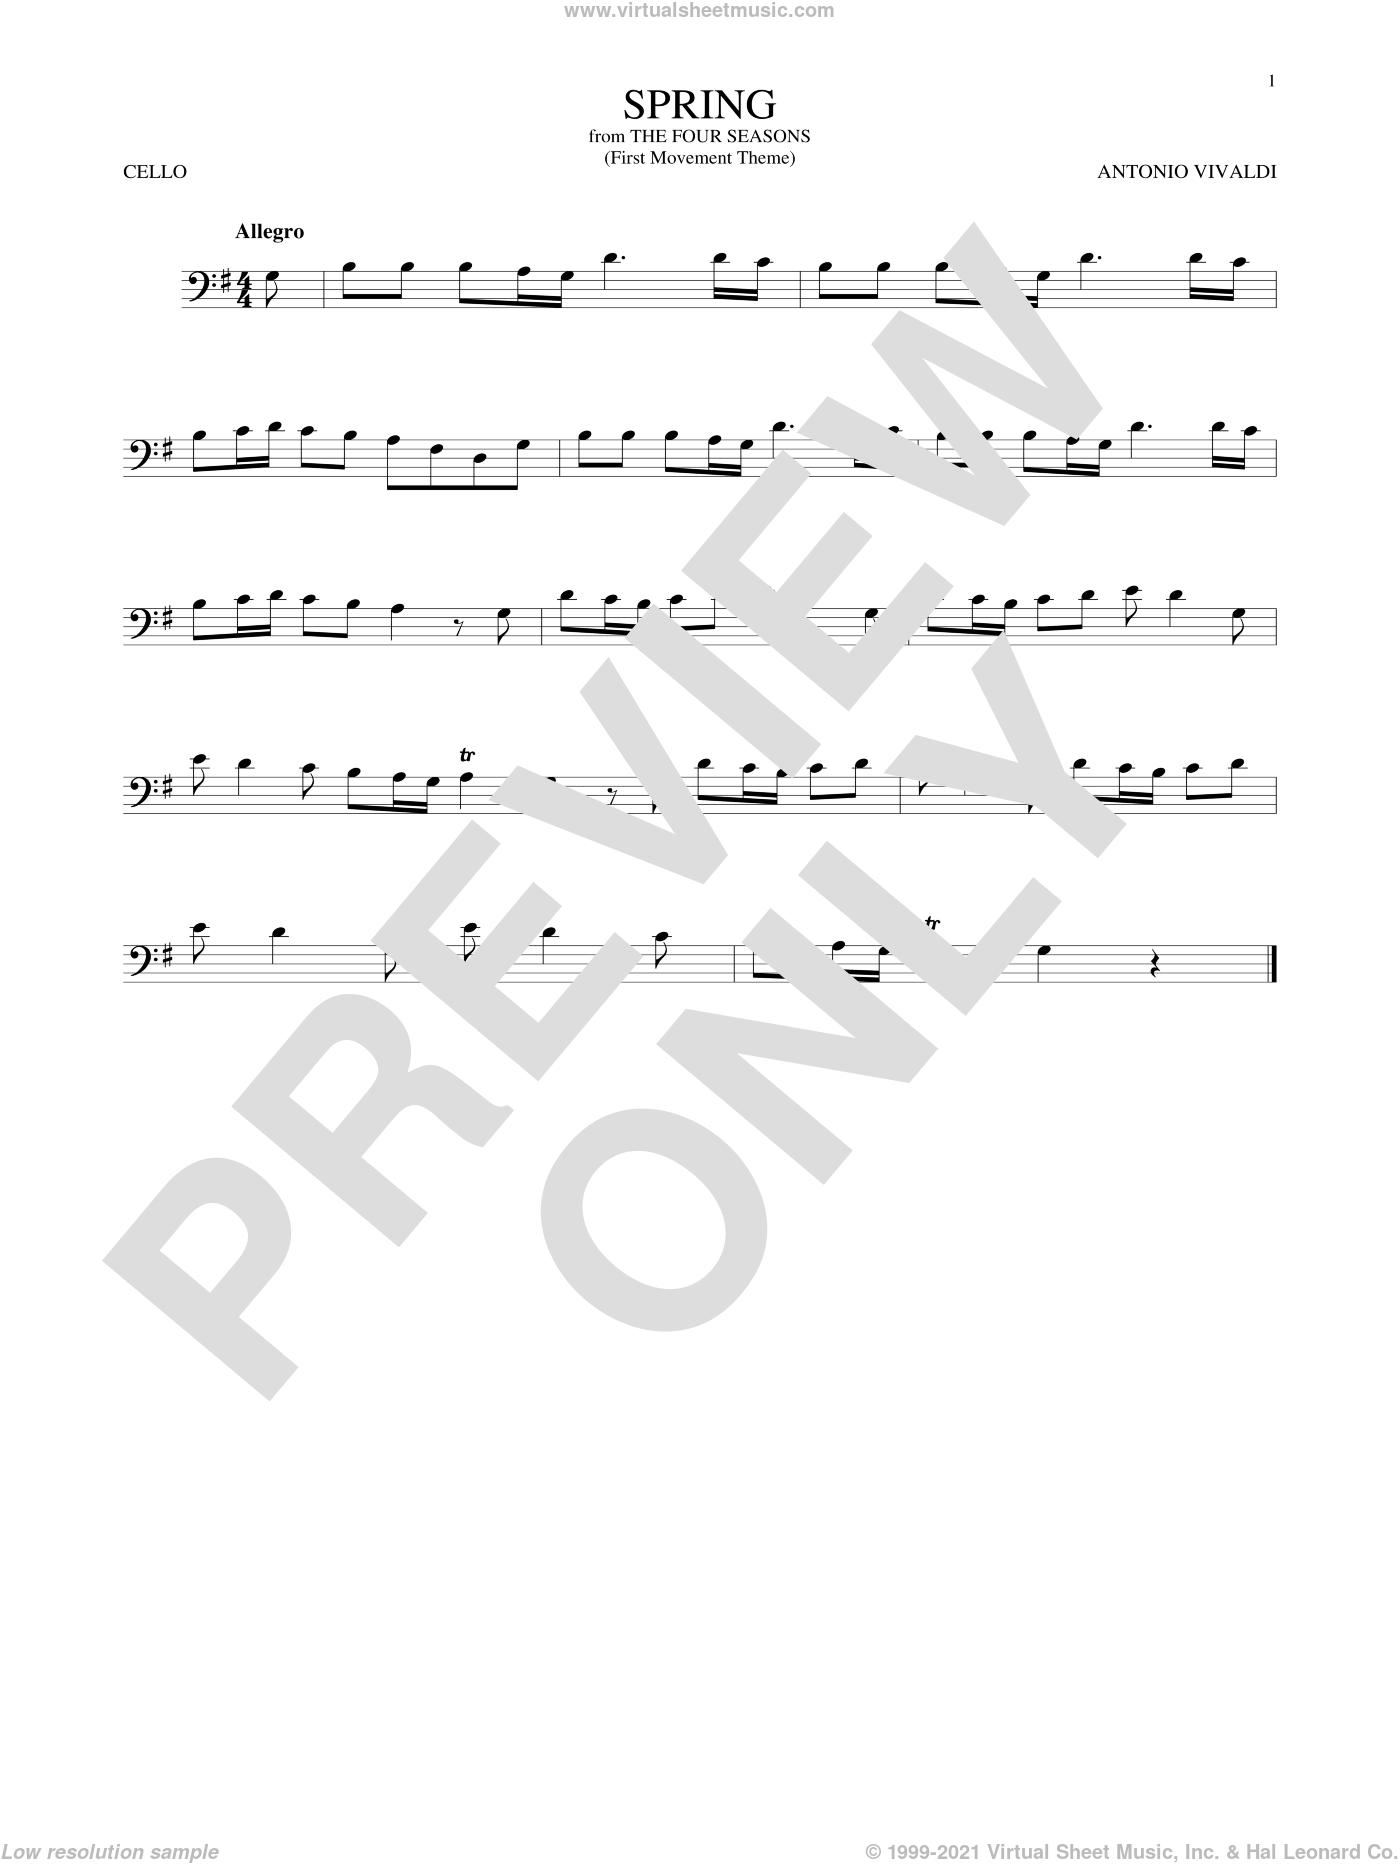 Allegro I, RV 269 ('Spring') sheet music for cello solo by Antonio Vivaldi, classical score, intermediate skill level